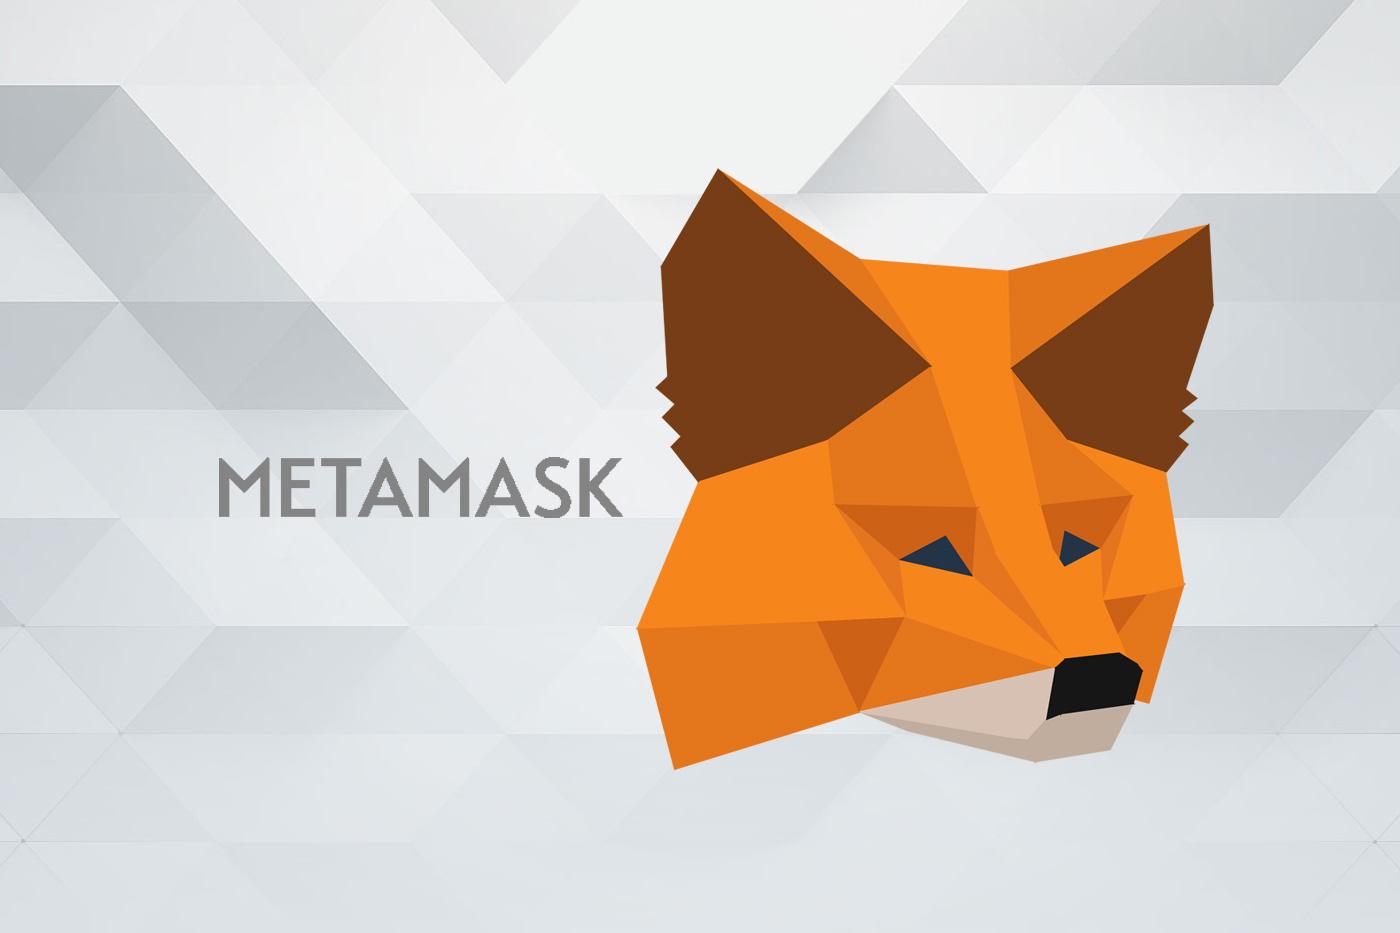 """محفظة """"MetaMask"""" تدعم الآن إمكانية تبديل العملات الرقمية في محافظ الهواتف الذكية"""